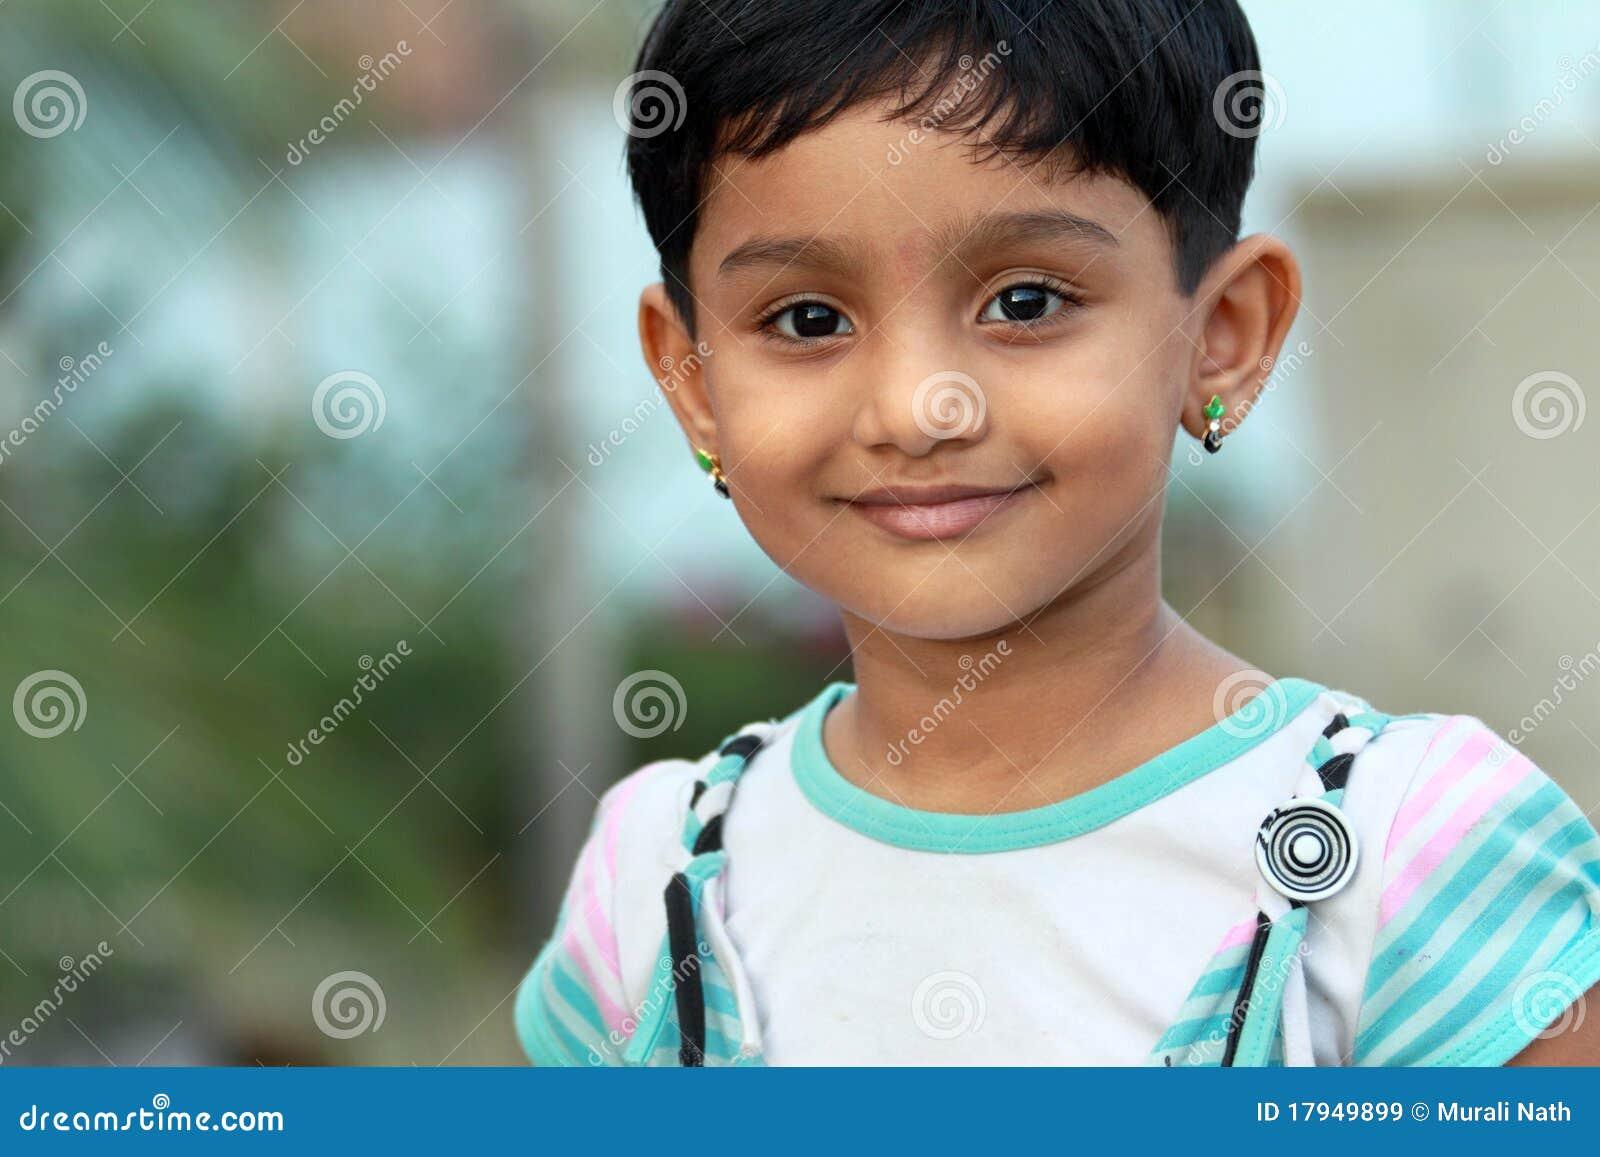 indian teen girl young Cute